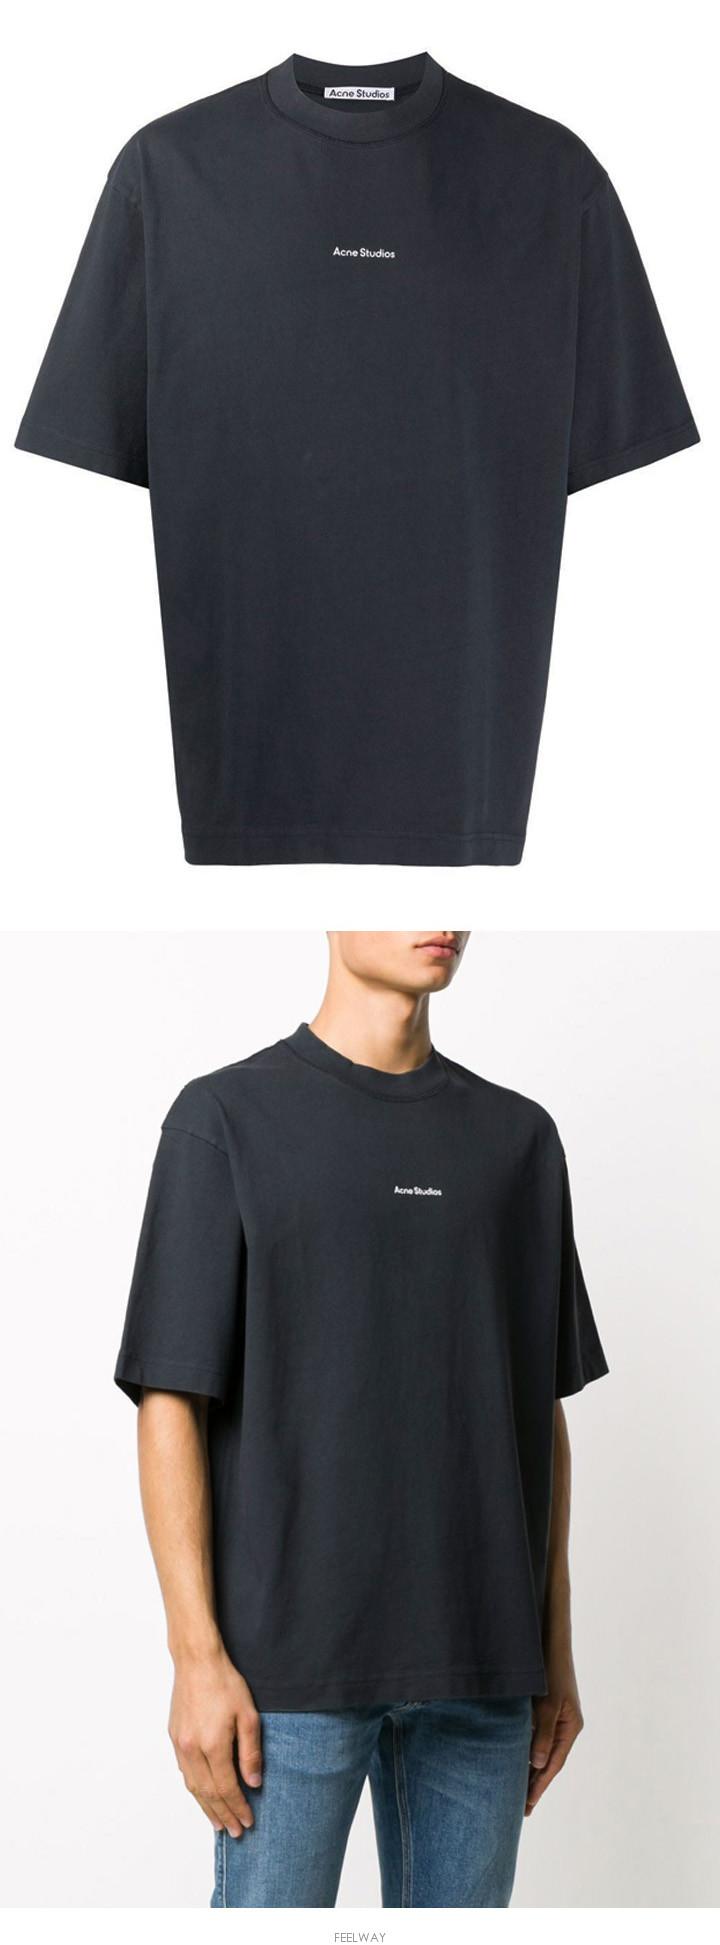 [당일]21SS 시그니처 로고 라운드 티셔츠 BL0198 900